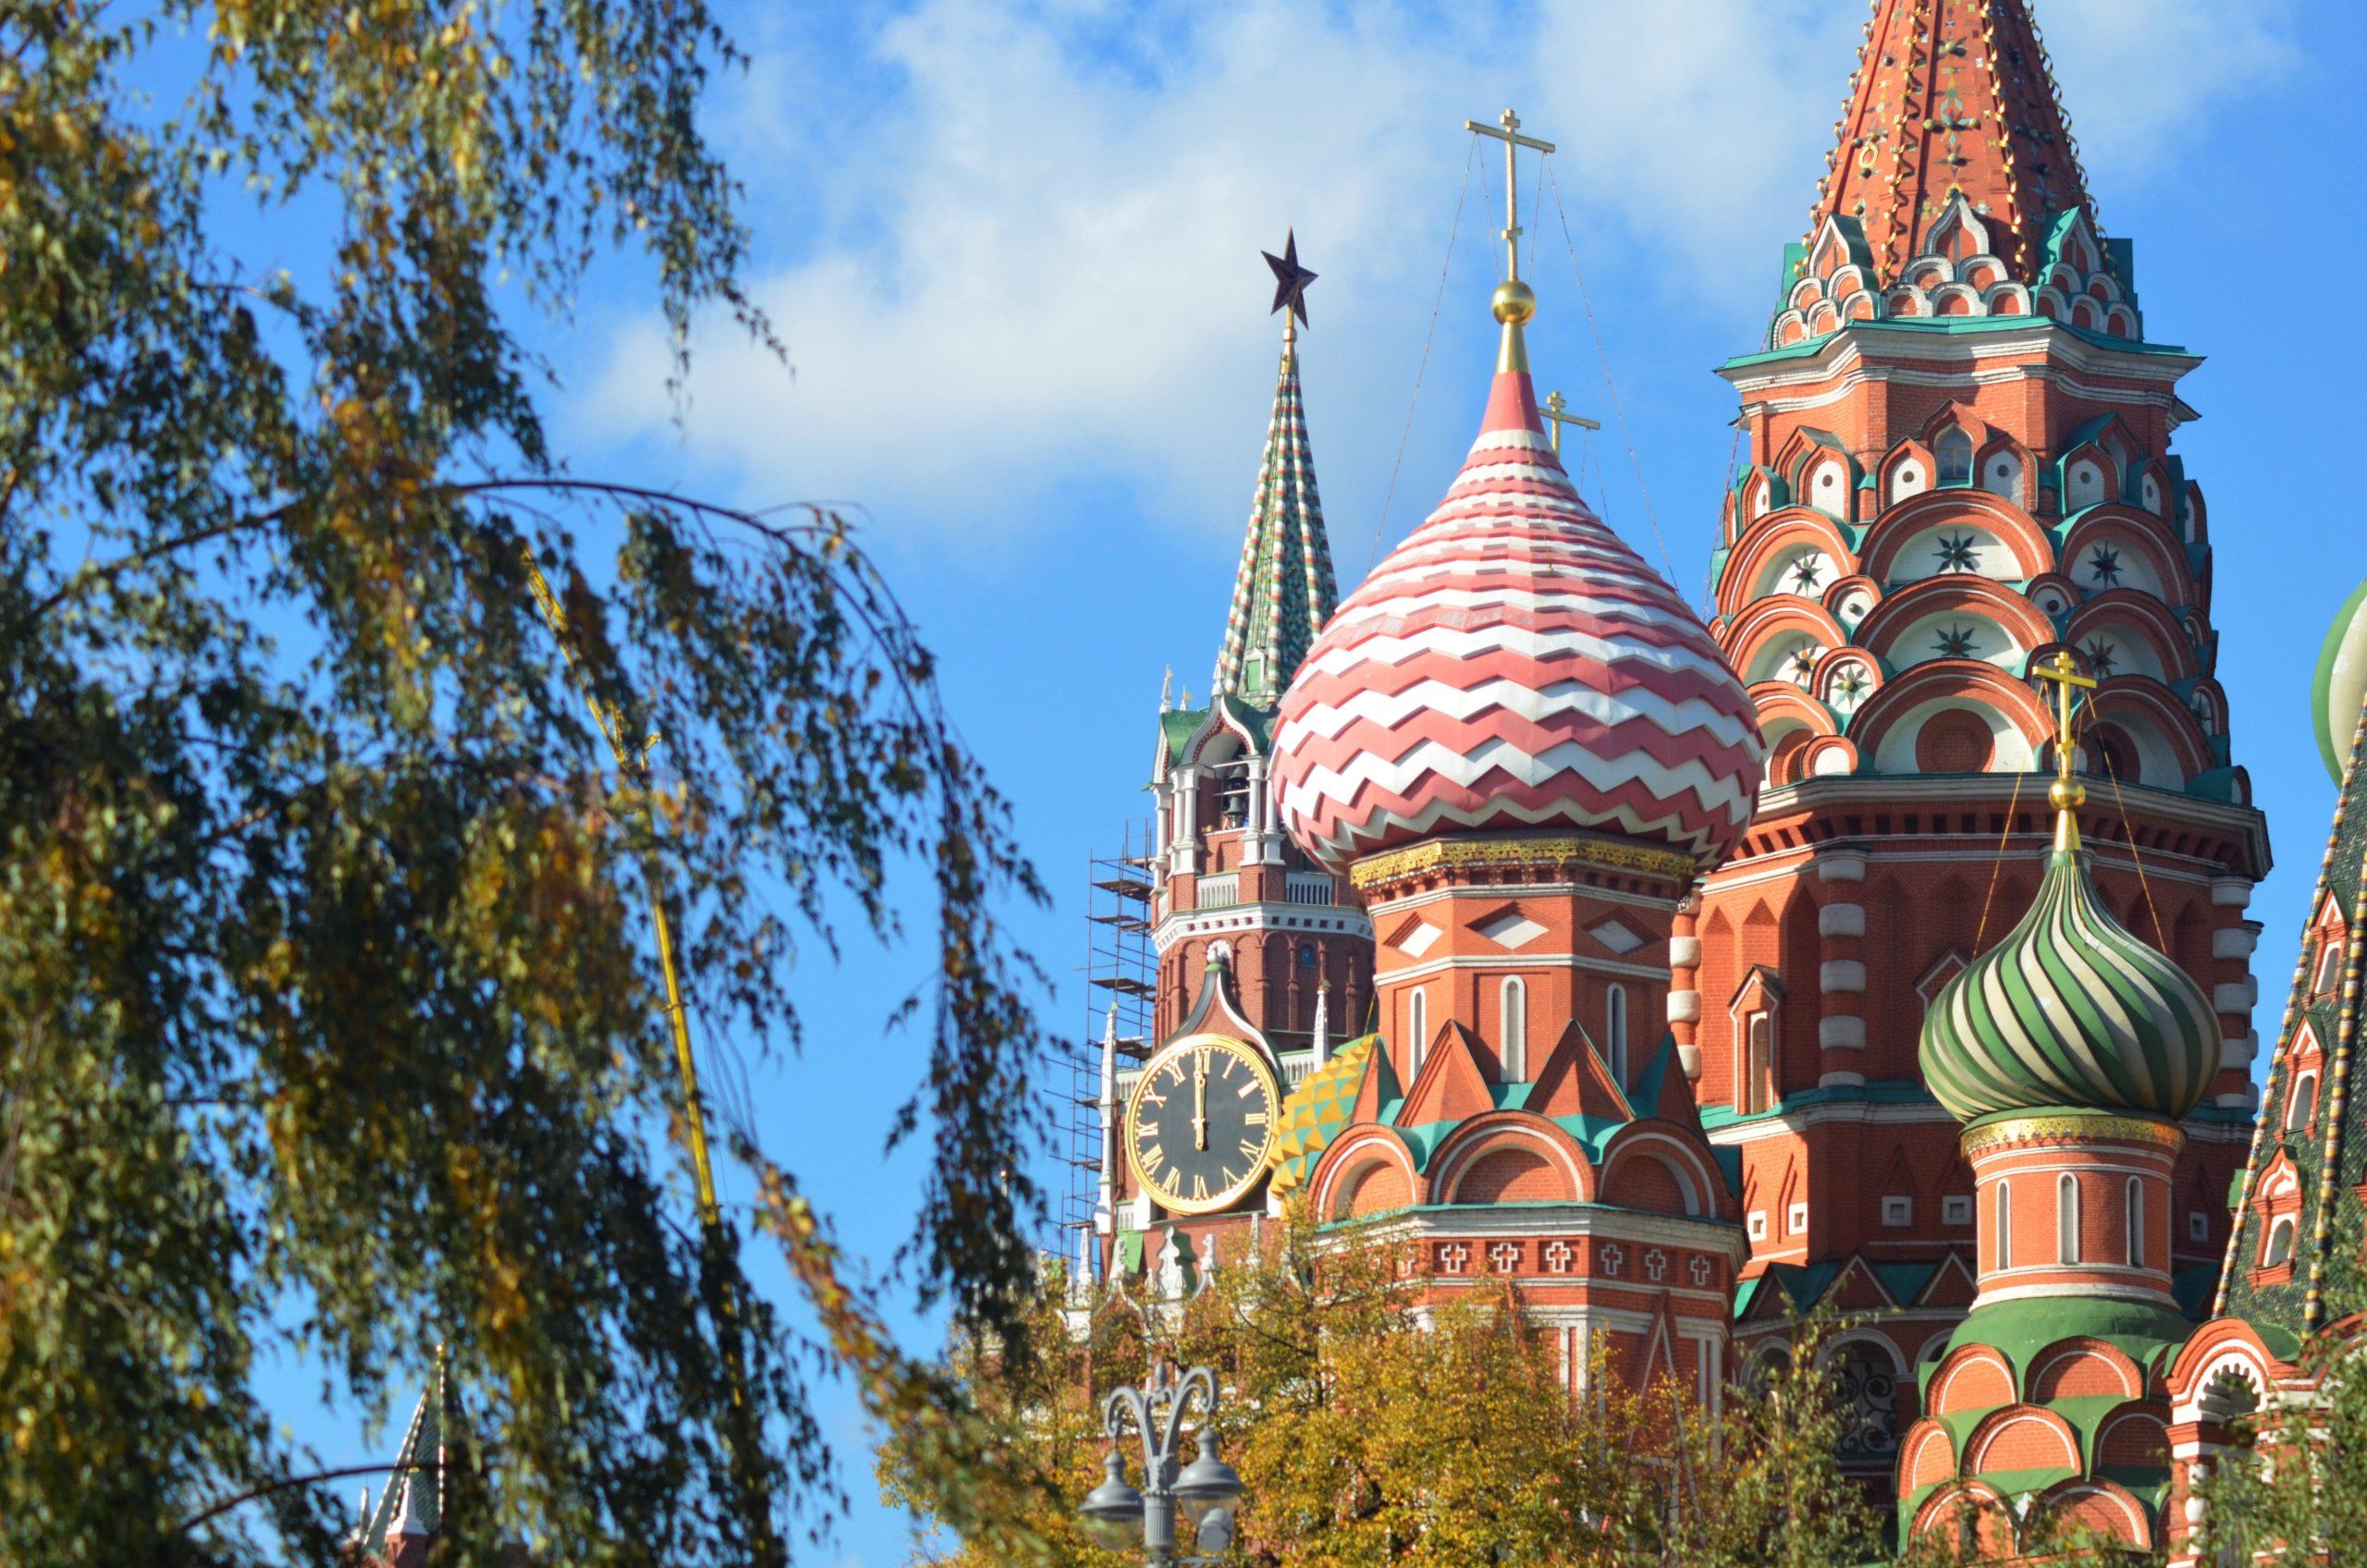 Прогулку по историческому центру столицы провели сотрудники Пушкинской библиотеки. Фото: Анна Быкова